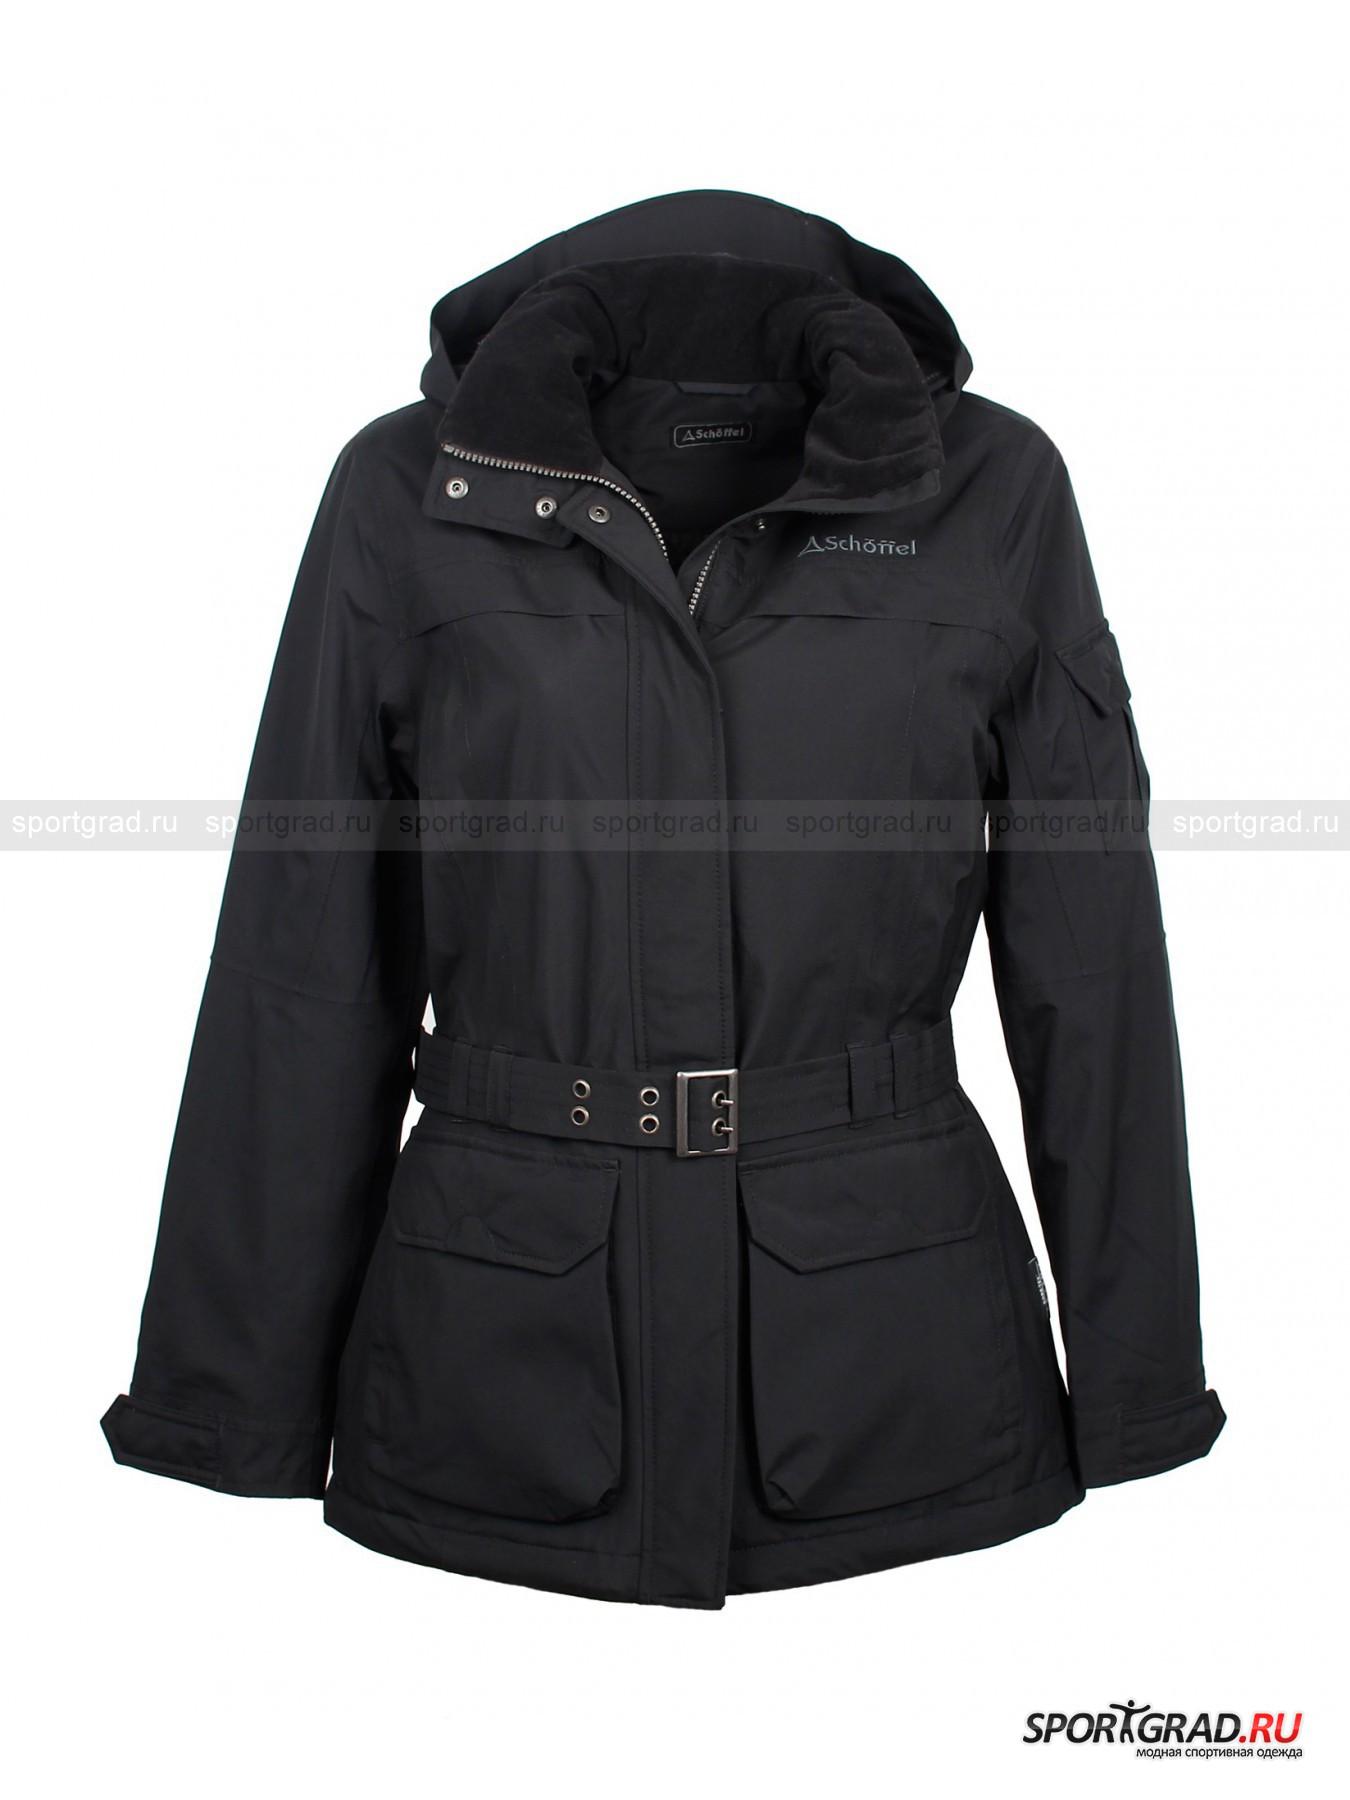 Куртка женская Ophelia SCHOFFEL от Спортград